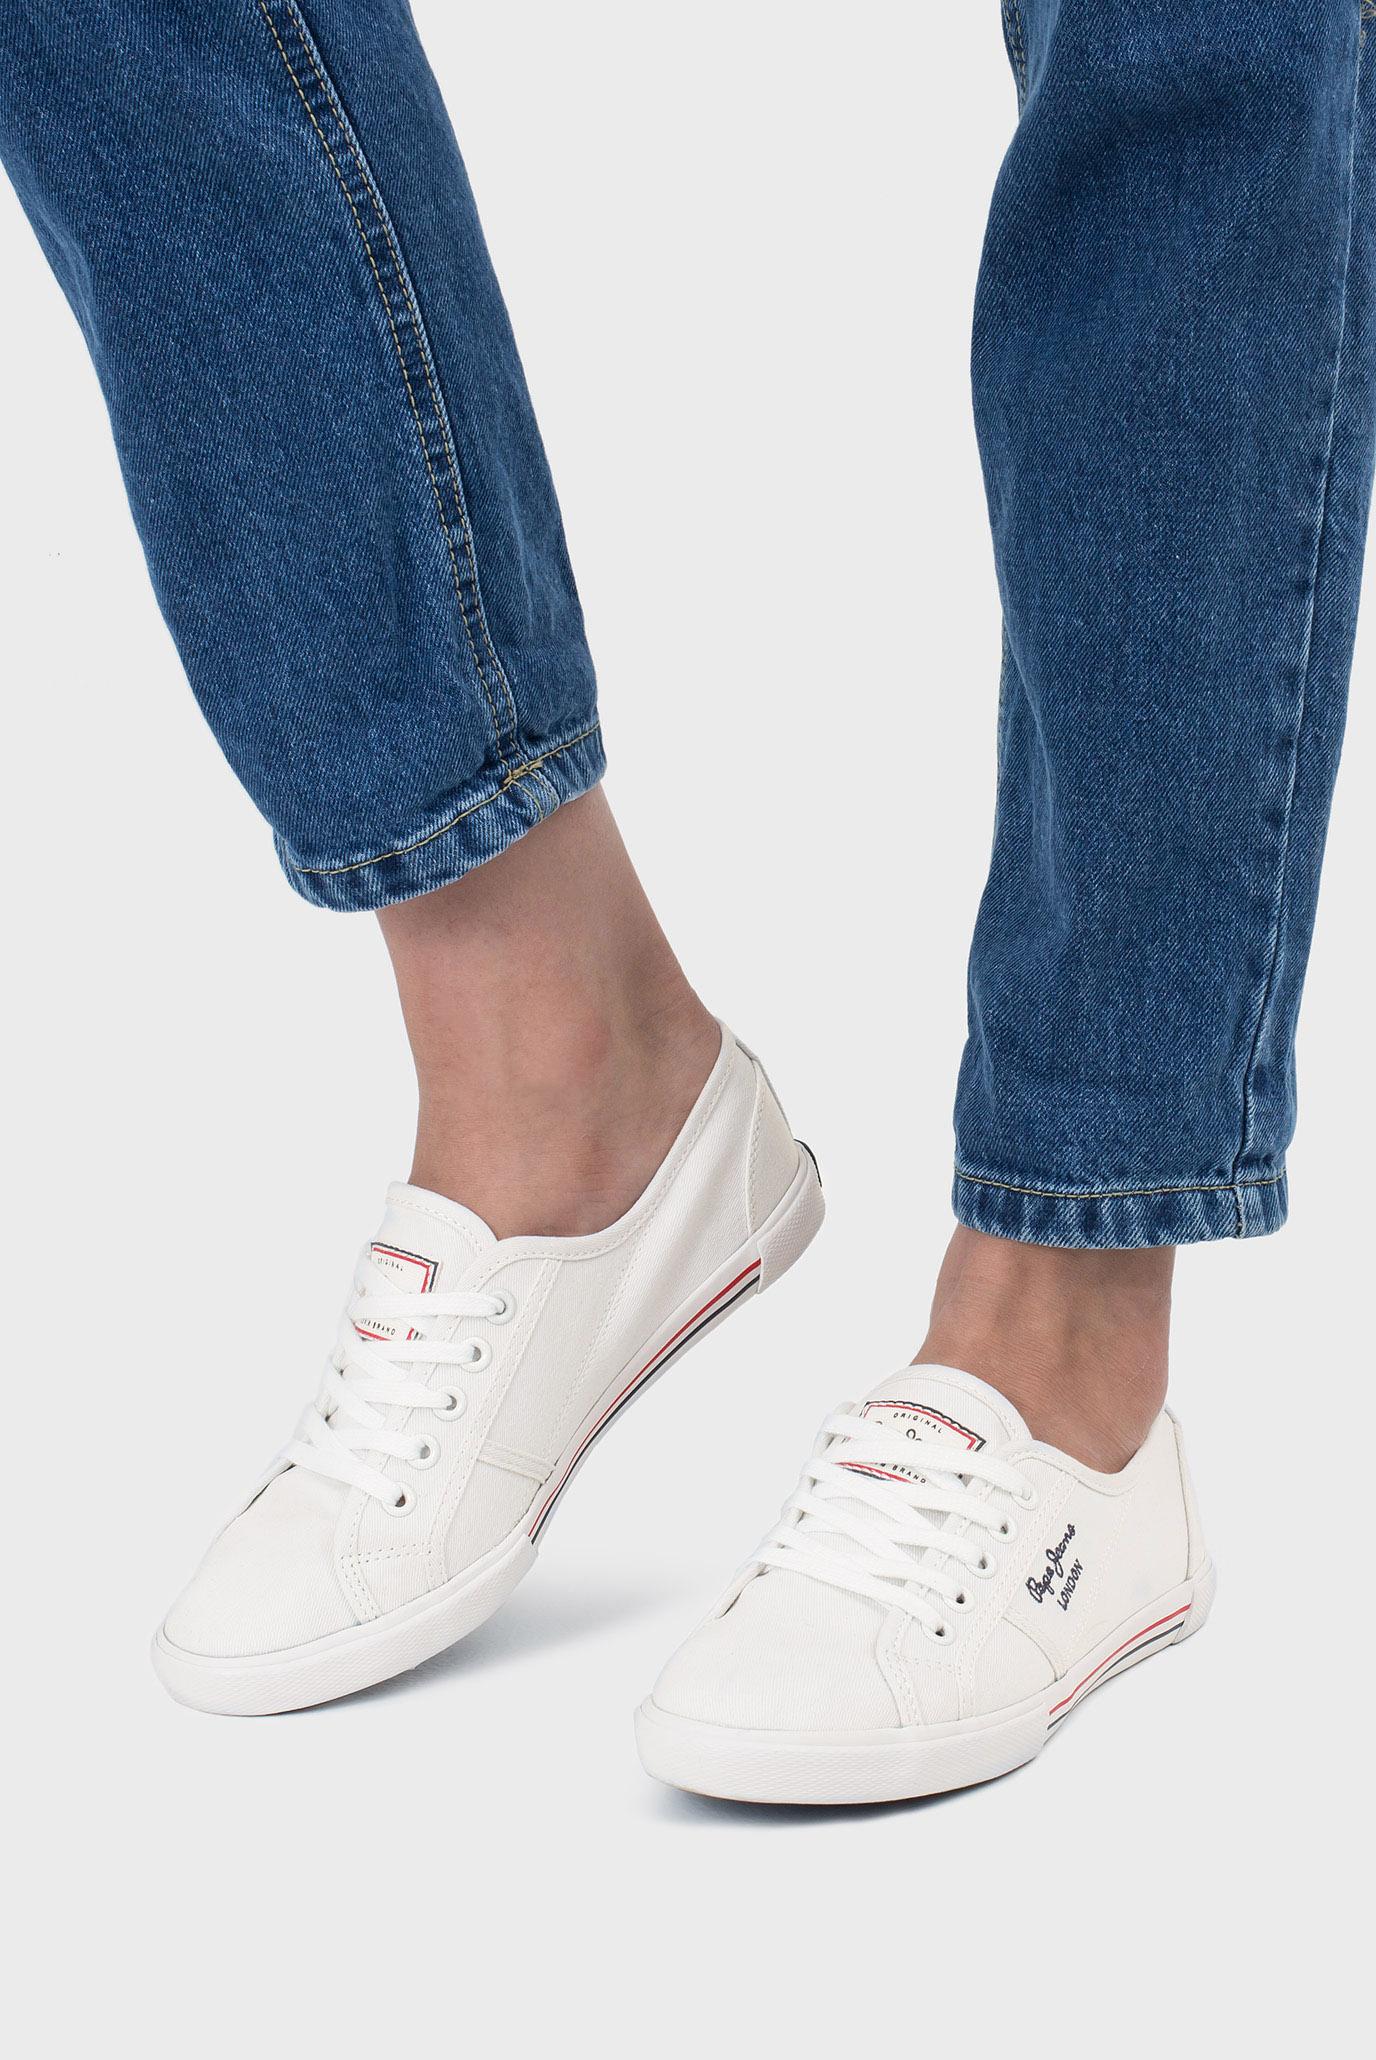 Купить Женские белые кеды Pepe Jeans Pepe Jeans PLS30500 – Киев, Украина. Цены в интернет магазине MD Fashion